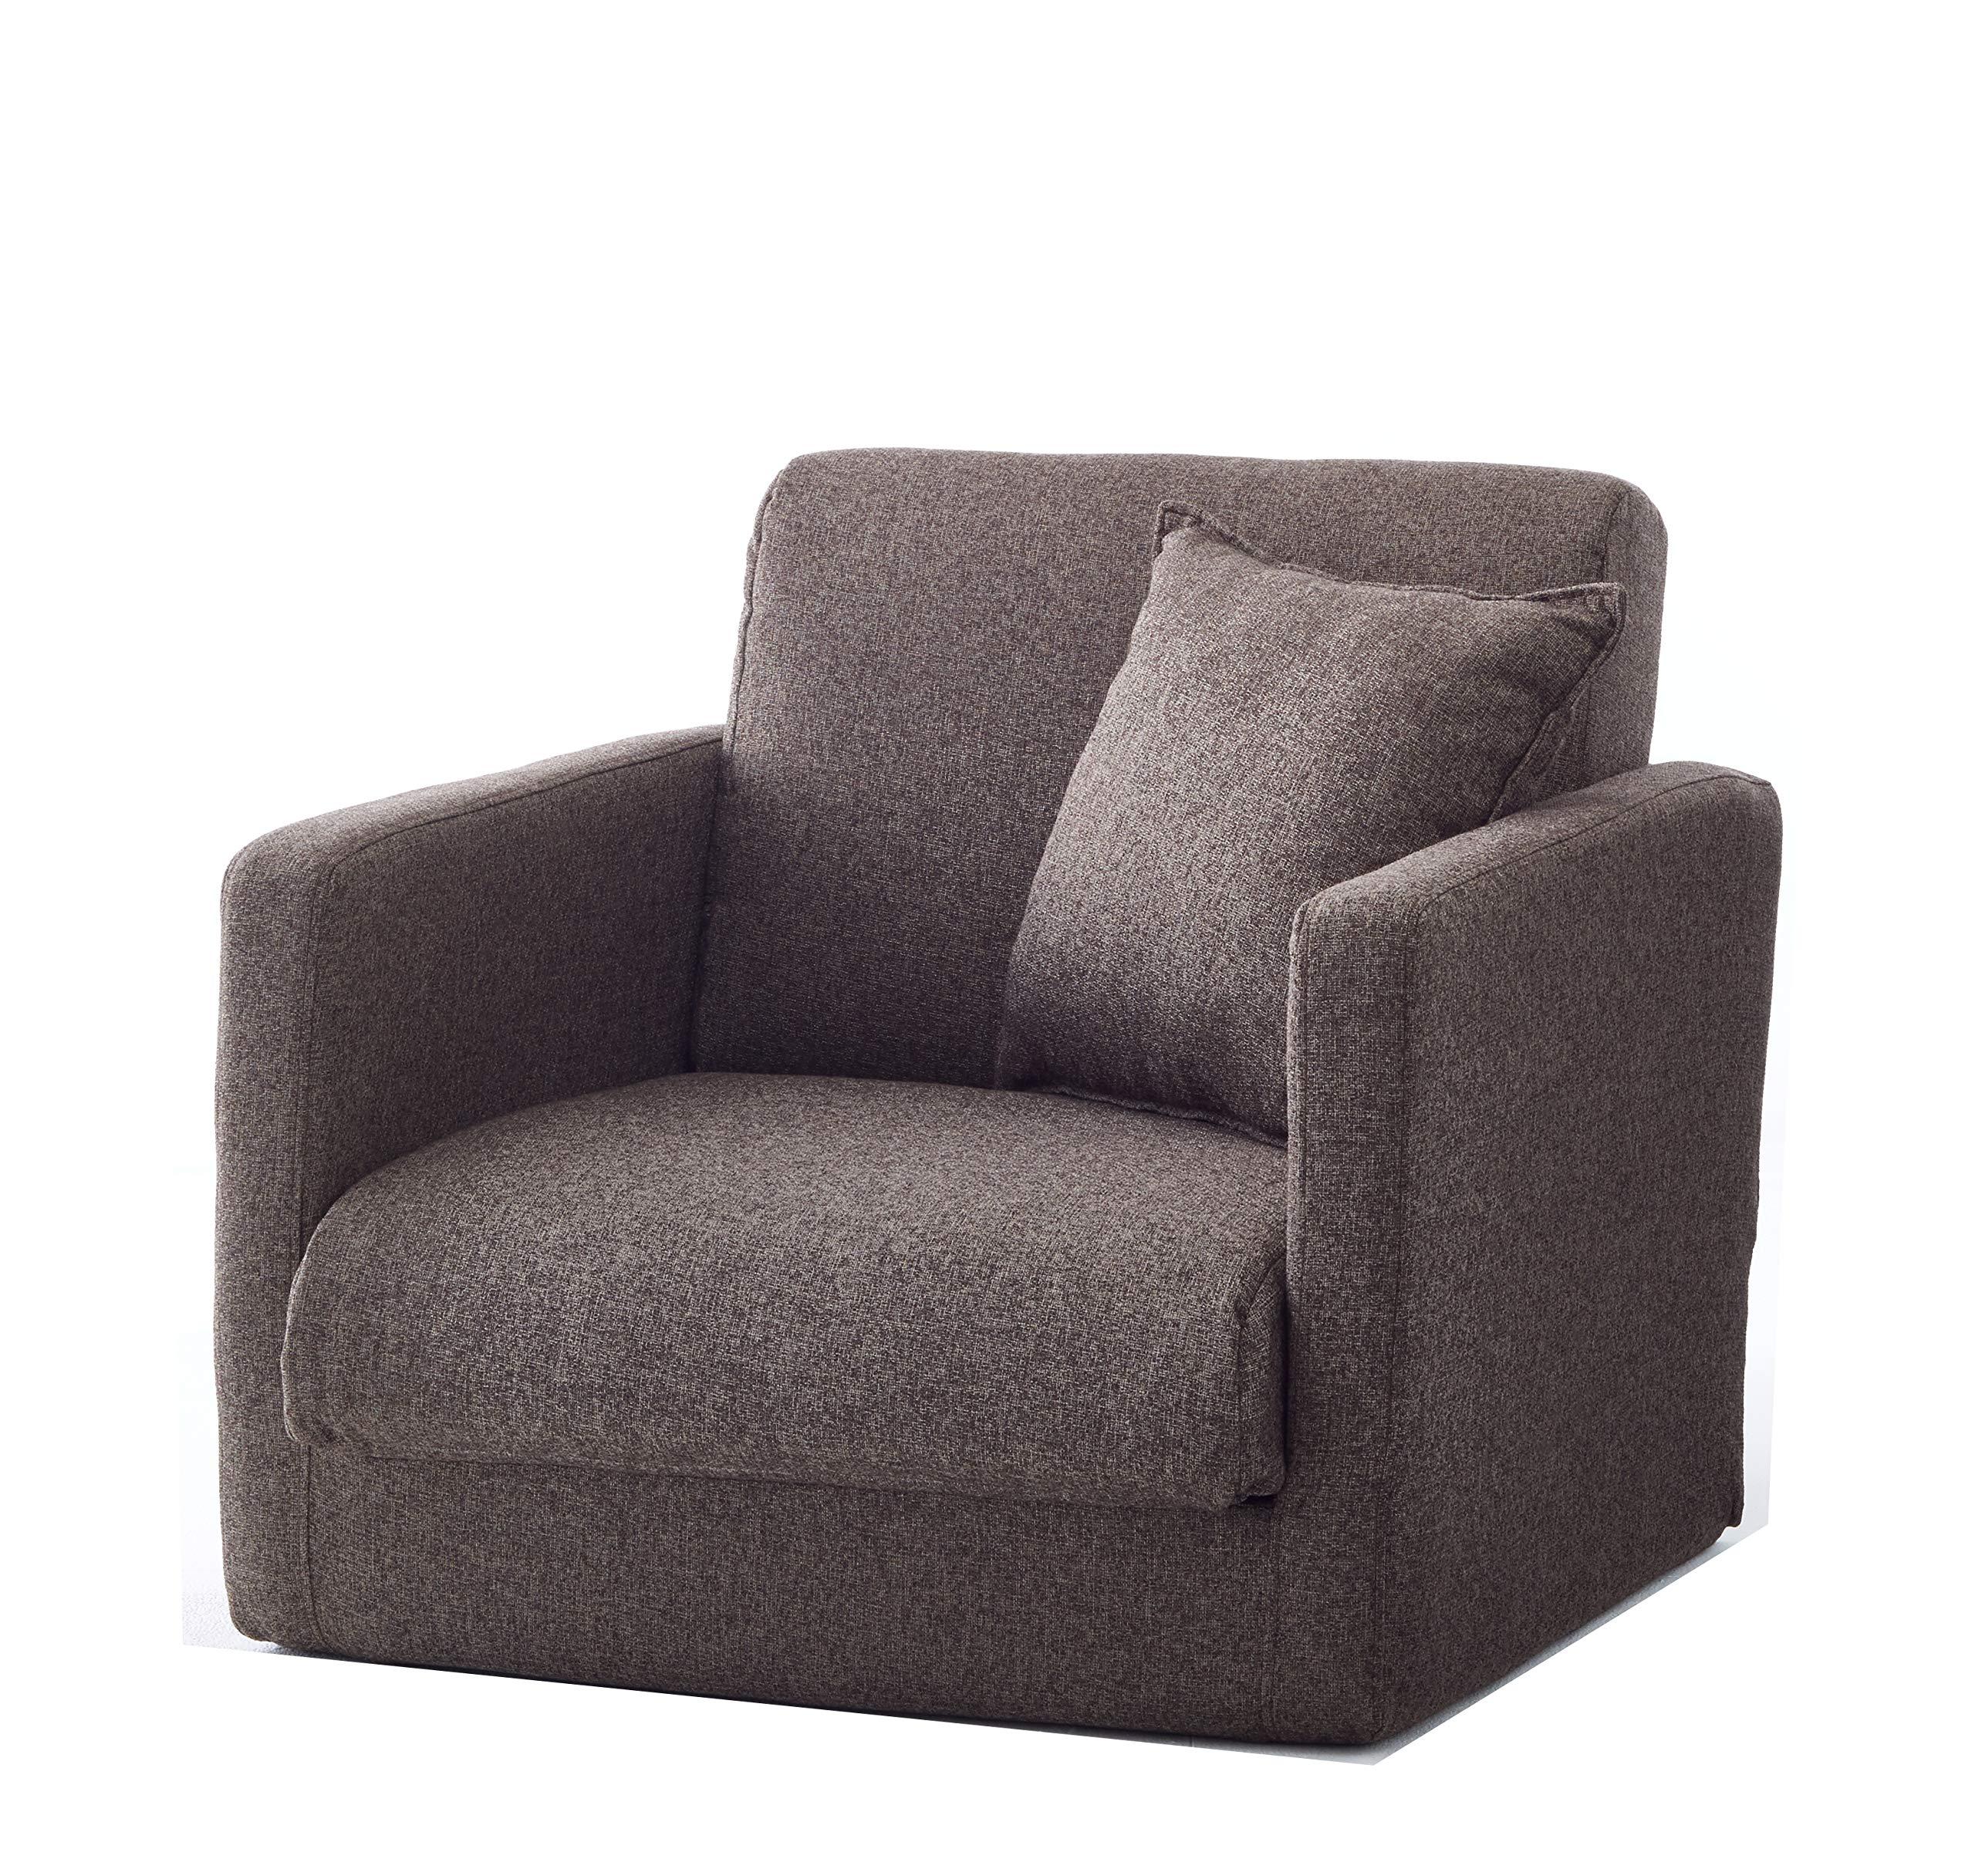 生活雑貨 ソファーベッド ソファー 脚を伸ばしてゆったり寝れるソファーベッド 3つ折りコンパクトタイプ (1P, ブラウン)